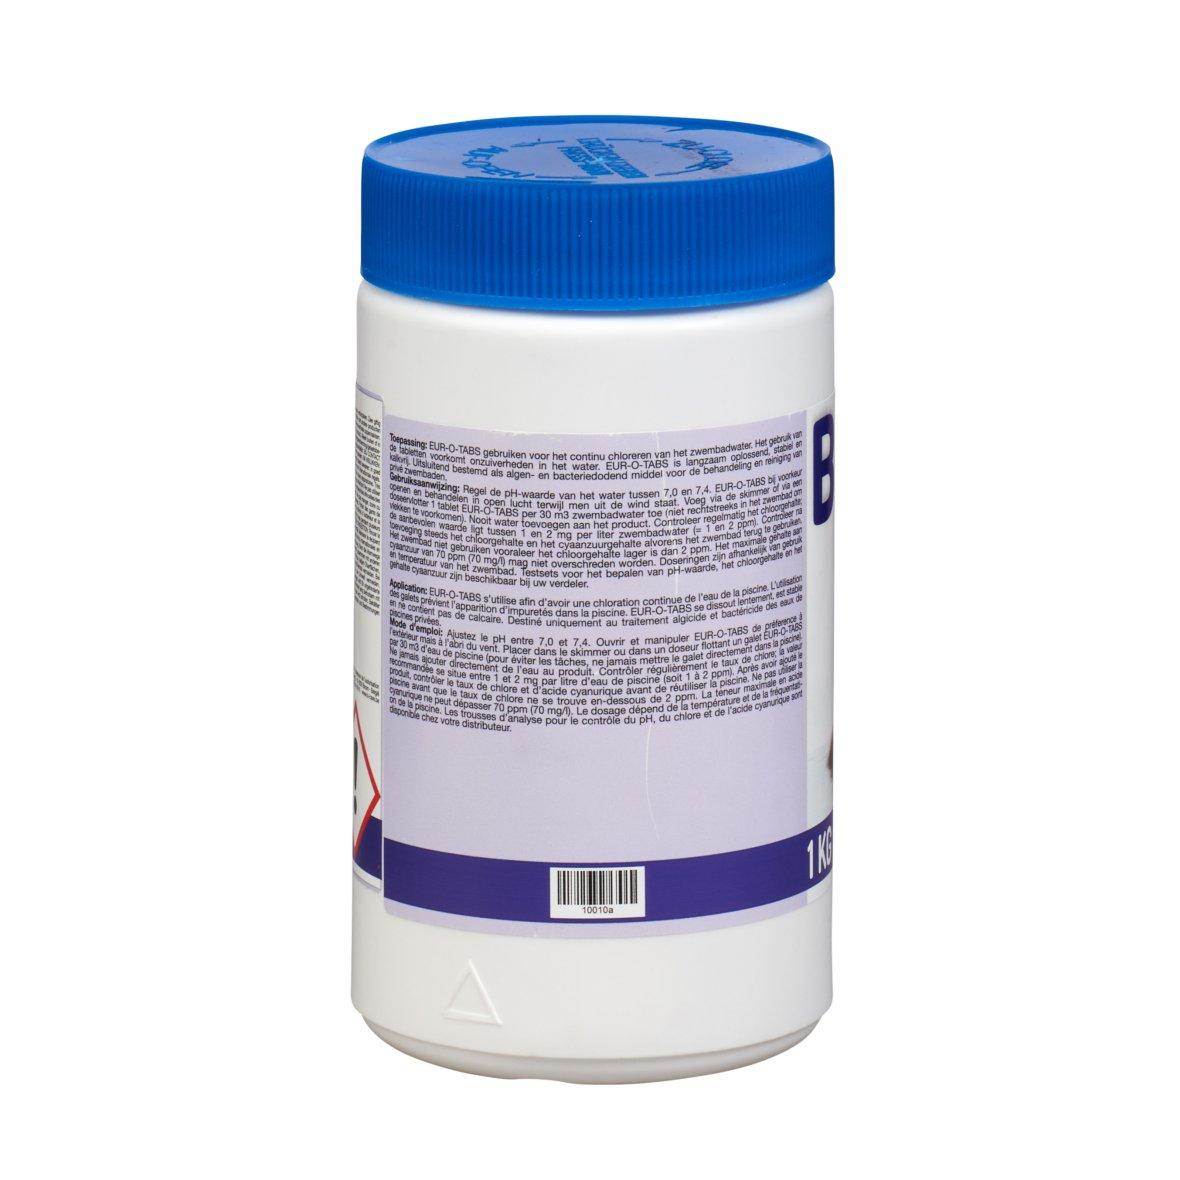 Pastilles de chlore B-care 1 kg 5/200 g